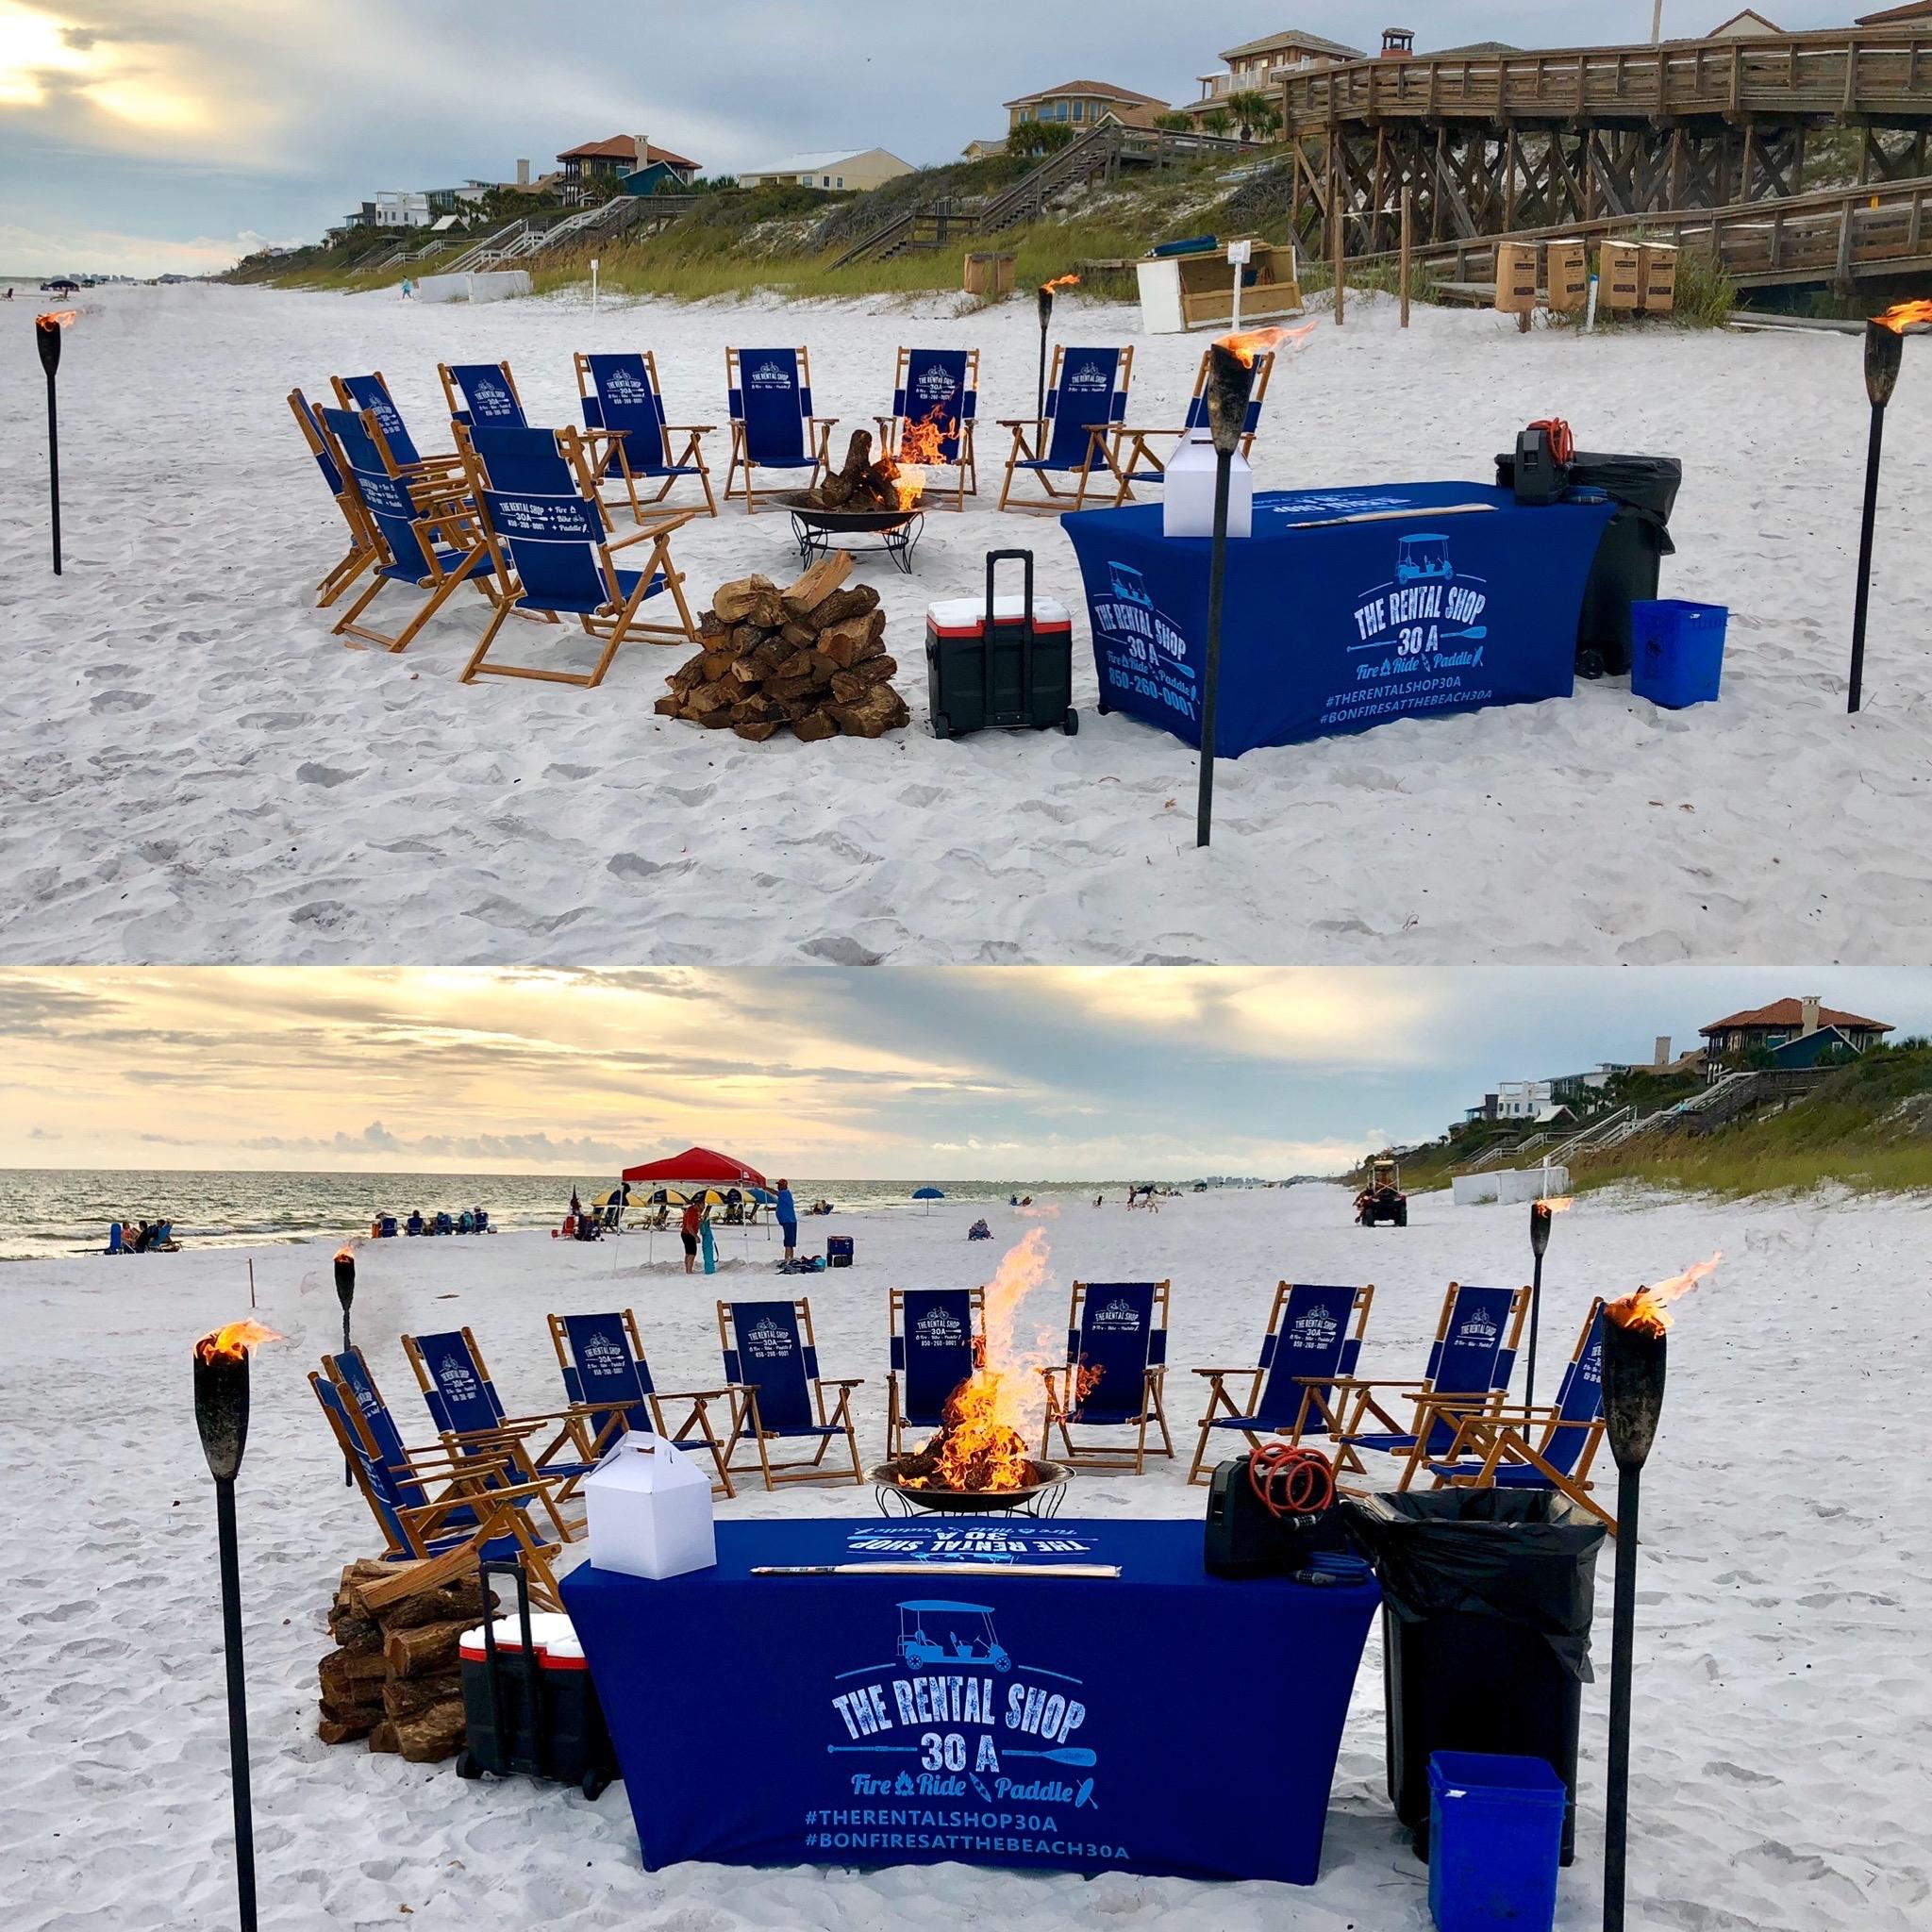 The Rental Shop 30A Santa Rosa Beach beach campfire